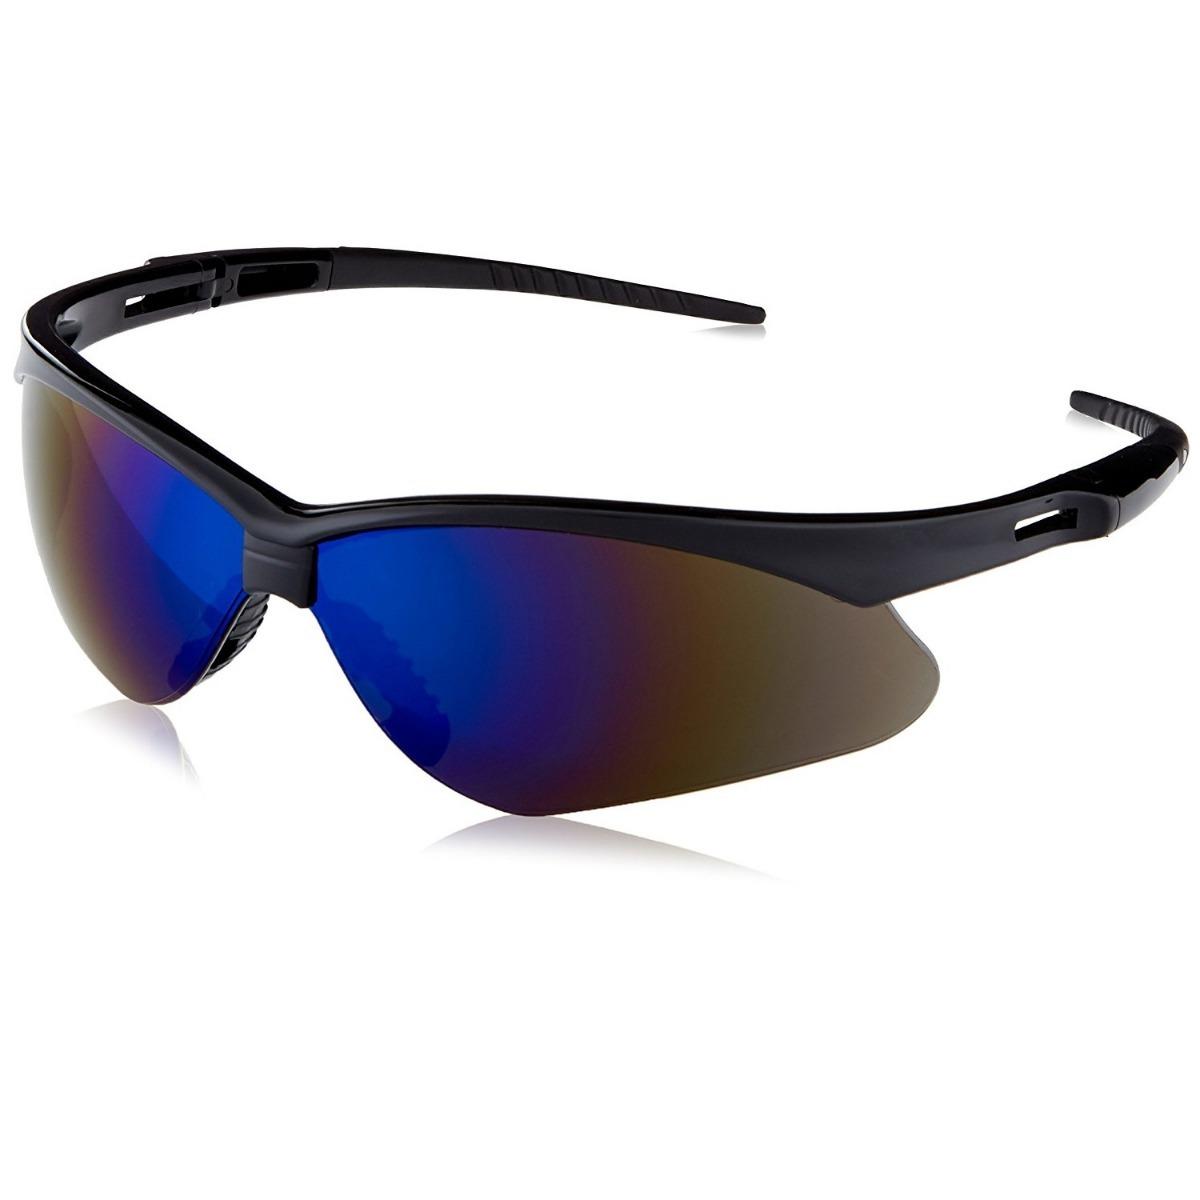 1326f9483ba02 Oculos Nemesis Jackson Varios Modelos Proteção Uv Epi Ca Un - R  74 ...